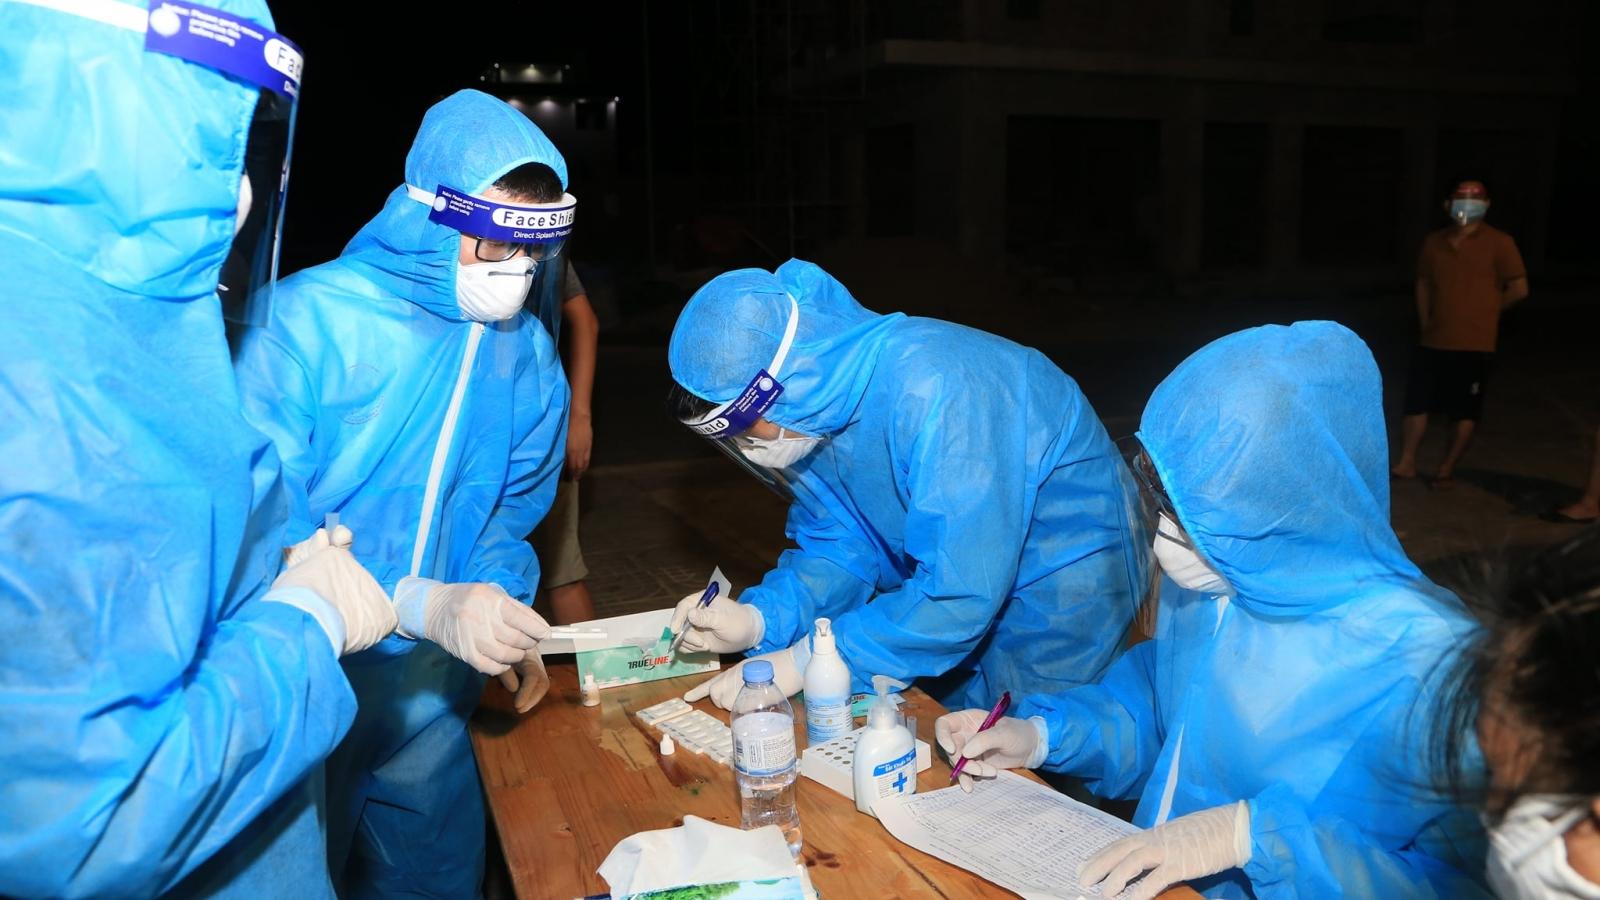 Nghệ An khẩn cấp tìm người đến những địa điểm cóca mắc COVID-19 chưa rõ nguồn lây